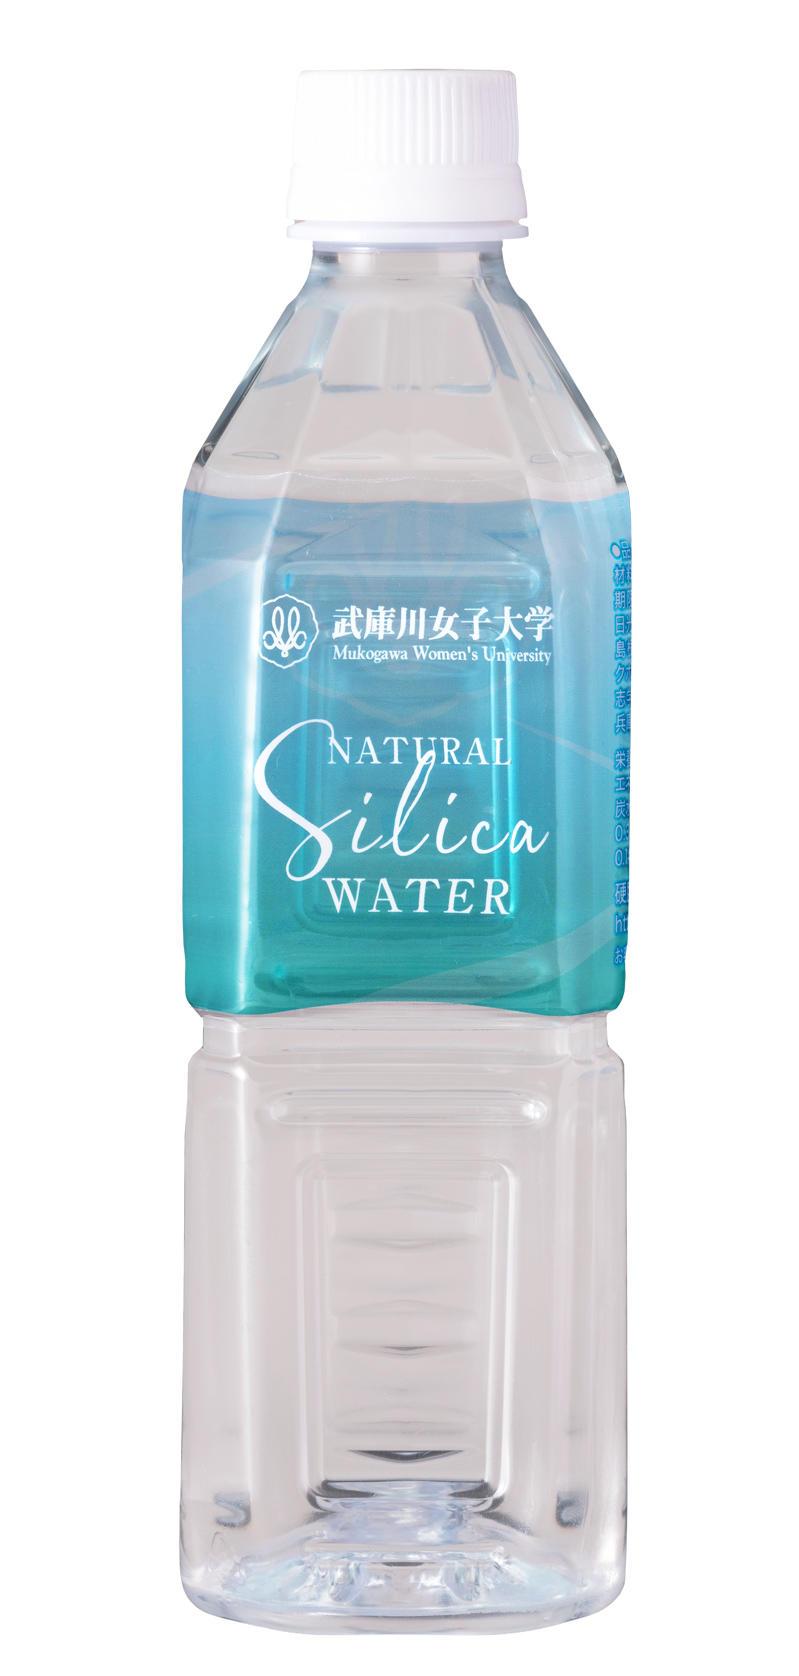 島根県三瓶山の天然水を使用 武庫川女子大学ブランドのペットボトル水、発売